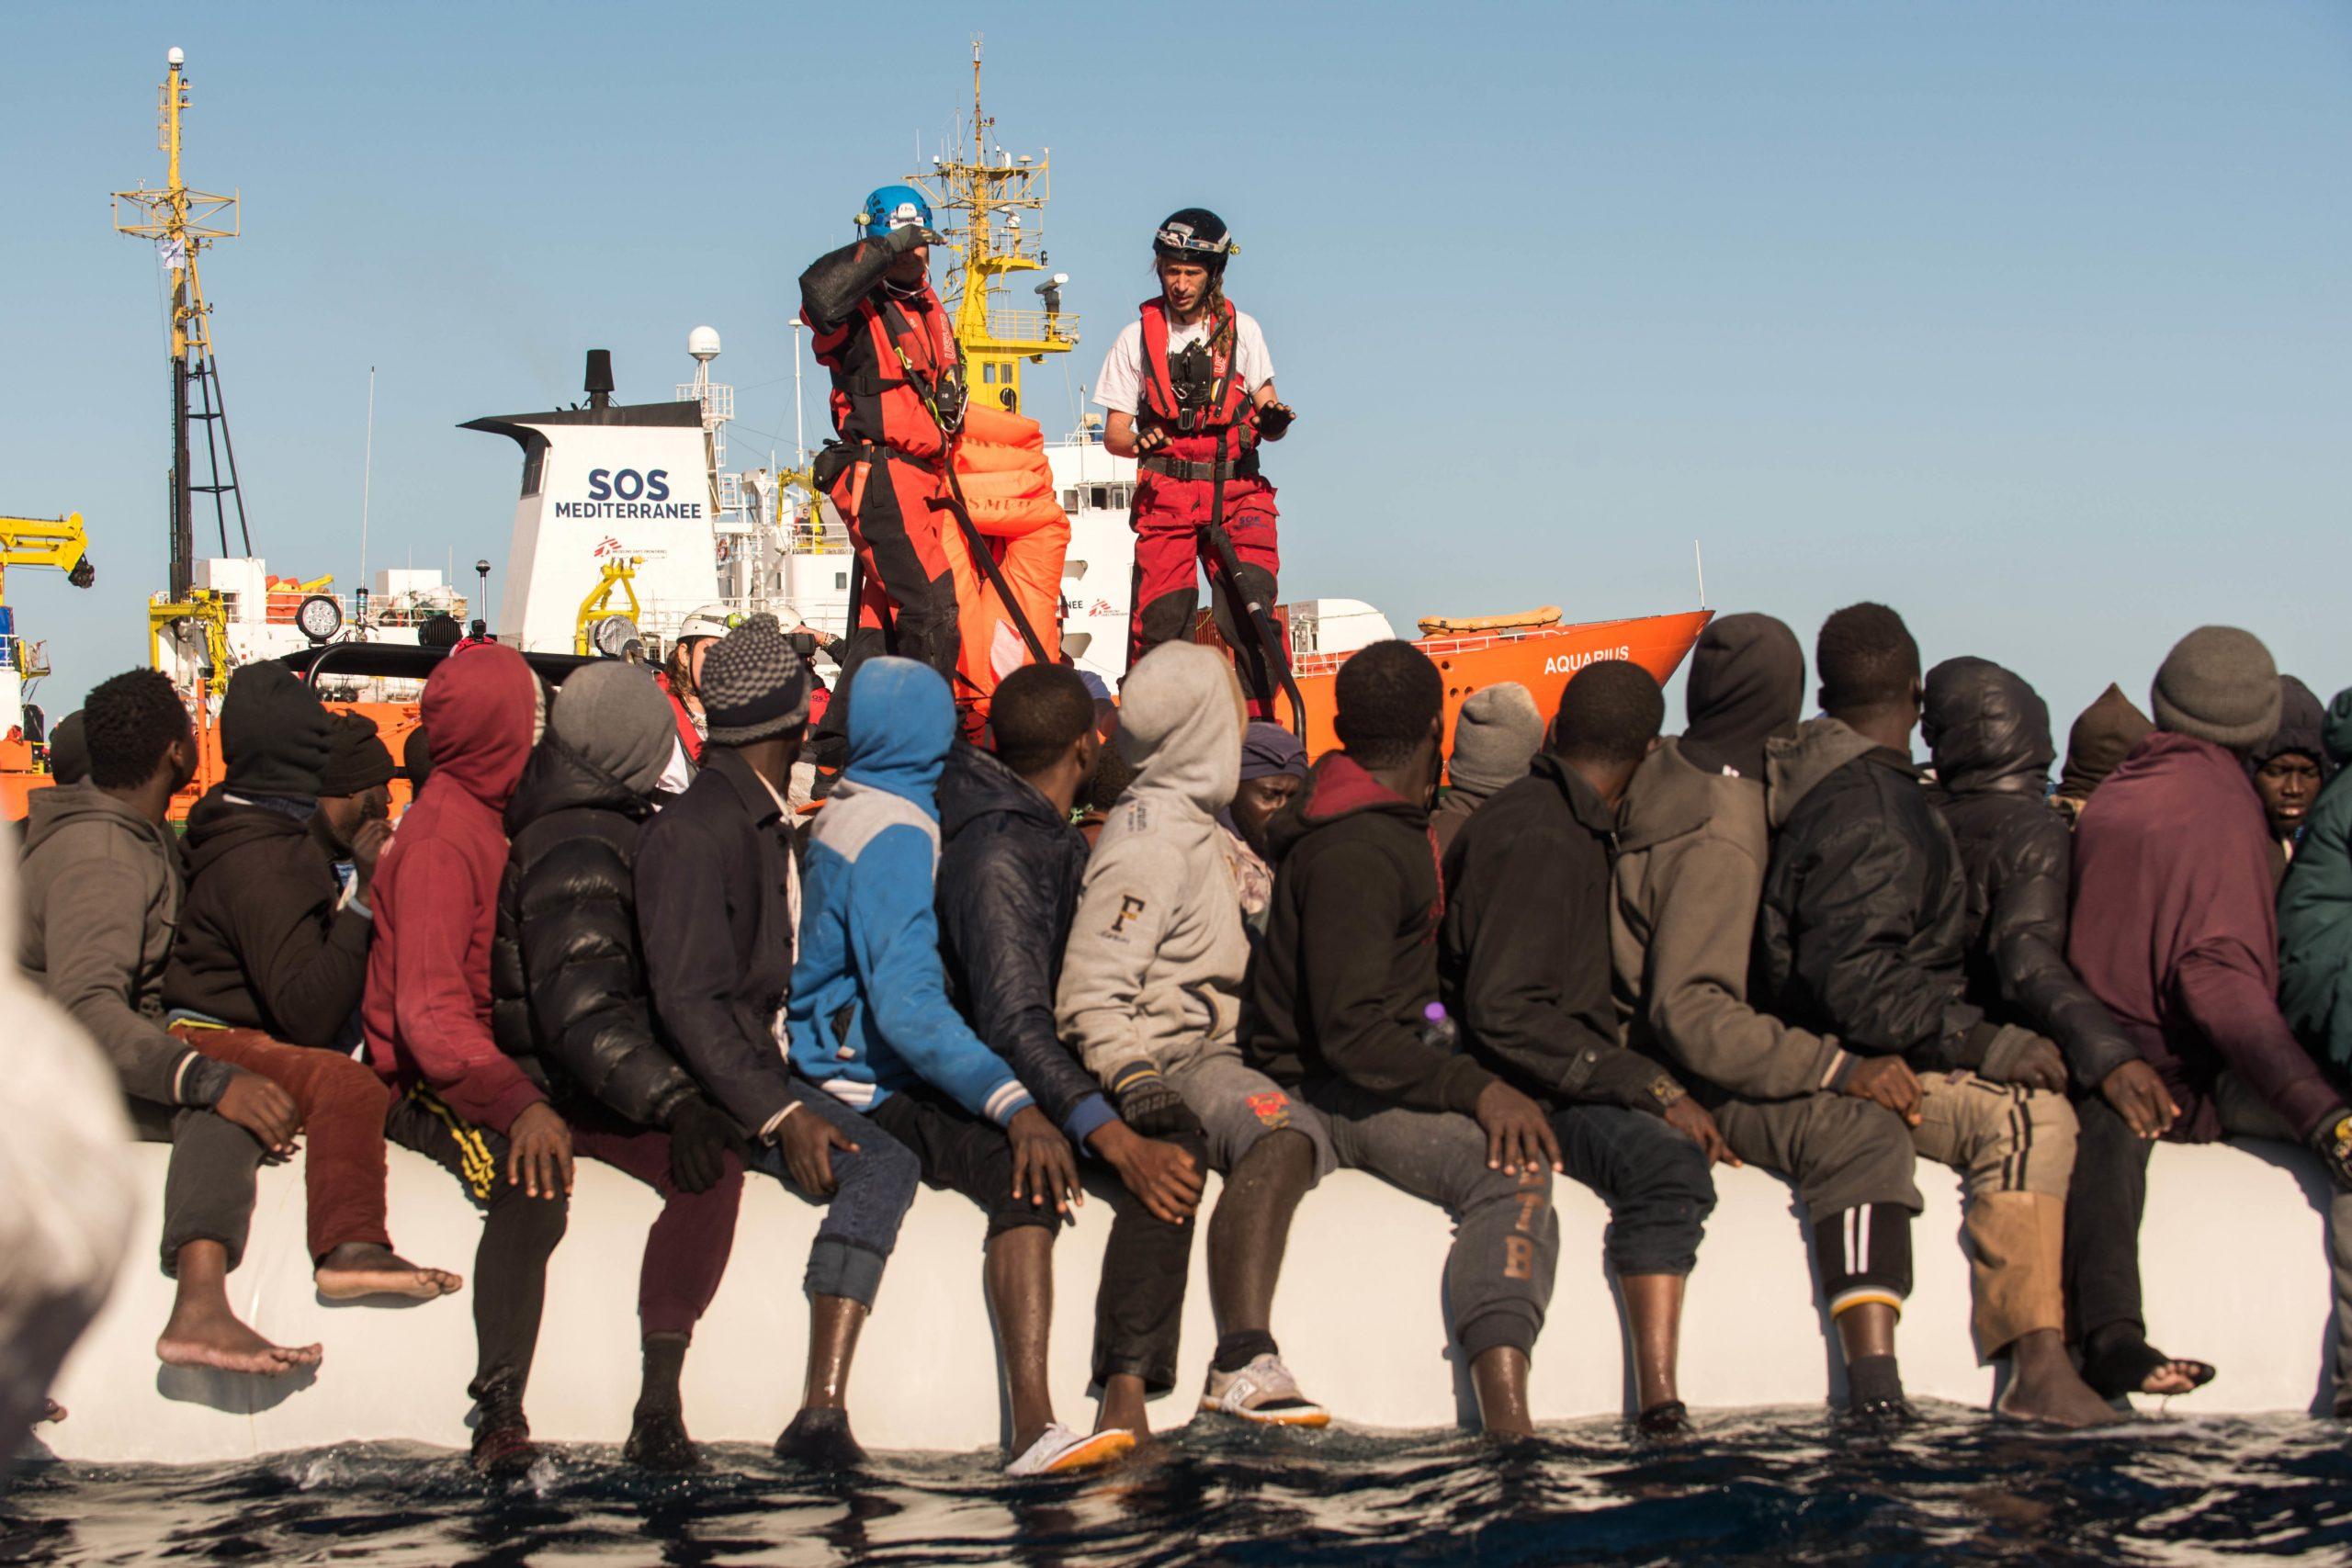 Mittelmeer-MigrationStudie: Private Flüchtlingshilfe bringt keinen Sicherheitsgewinn